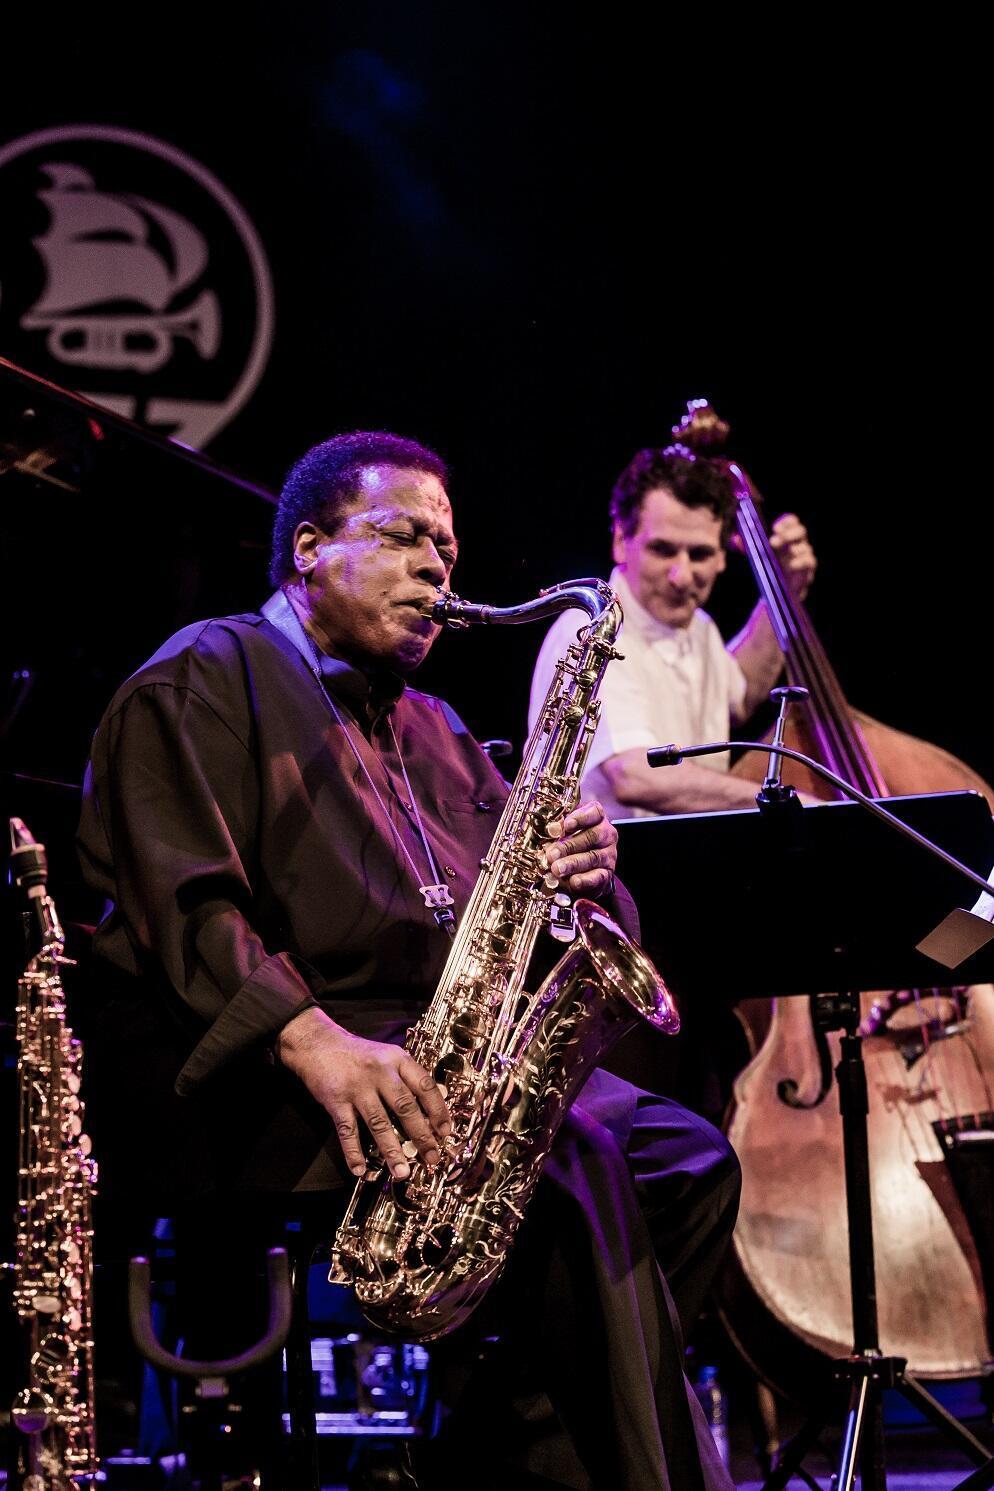 Saxofonista Wayne Shorter é um dos artistas presentes em Jazz in Marciac 2017